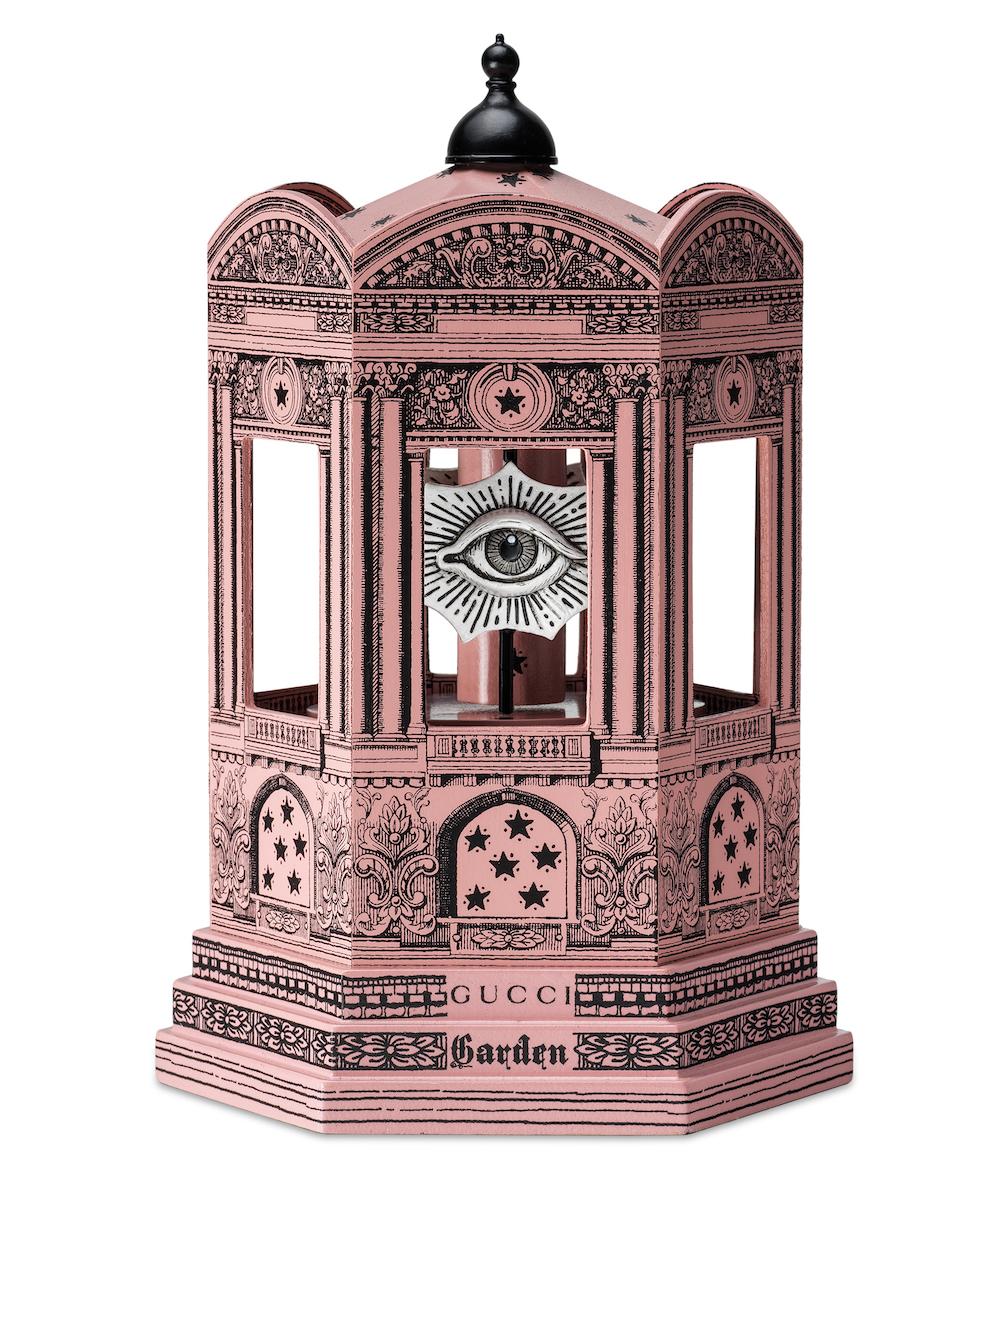 Garden_Gadget_Carillon.jpg